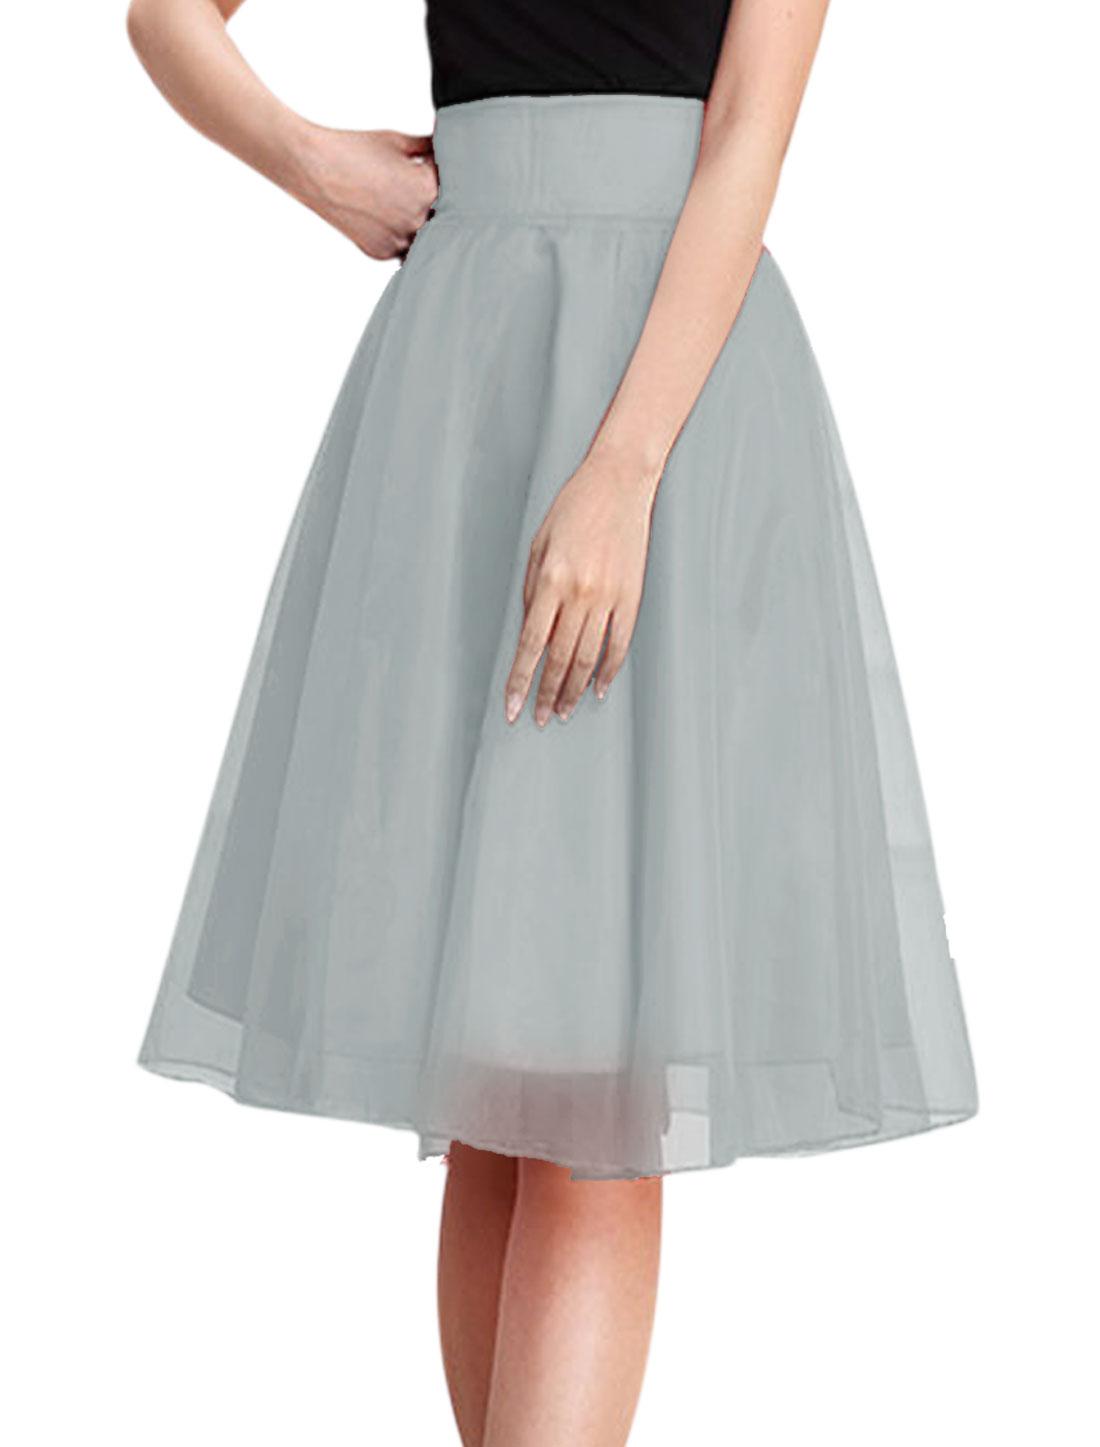 Woman High Waist Concealed Zip Closure A Line Organza Skirt Light Gray M